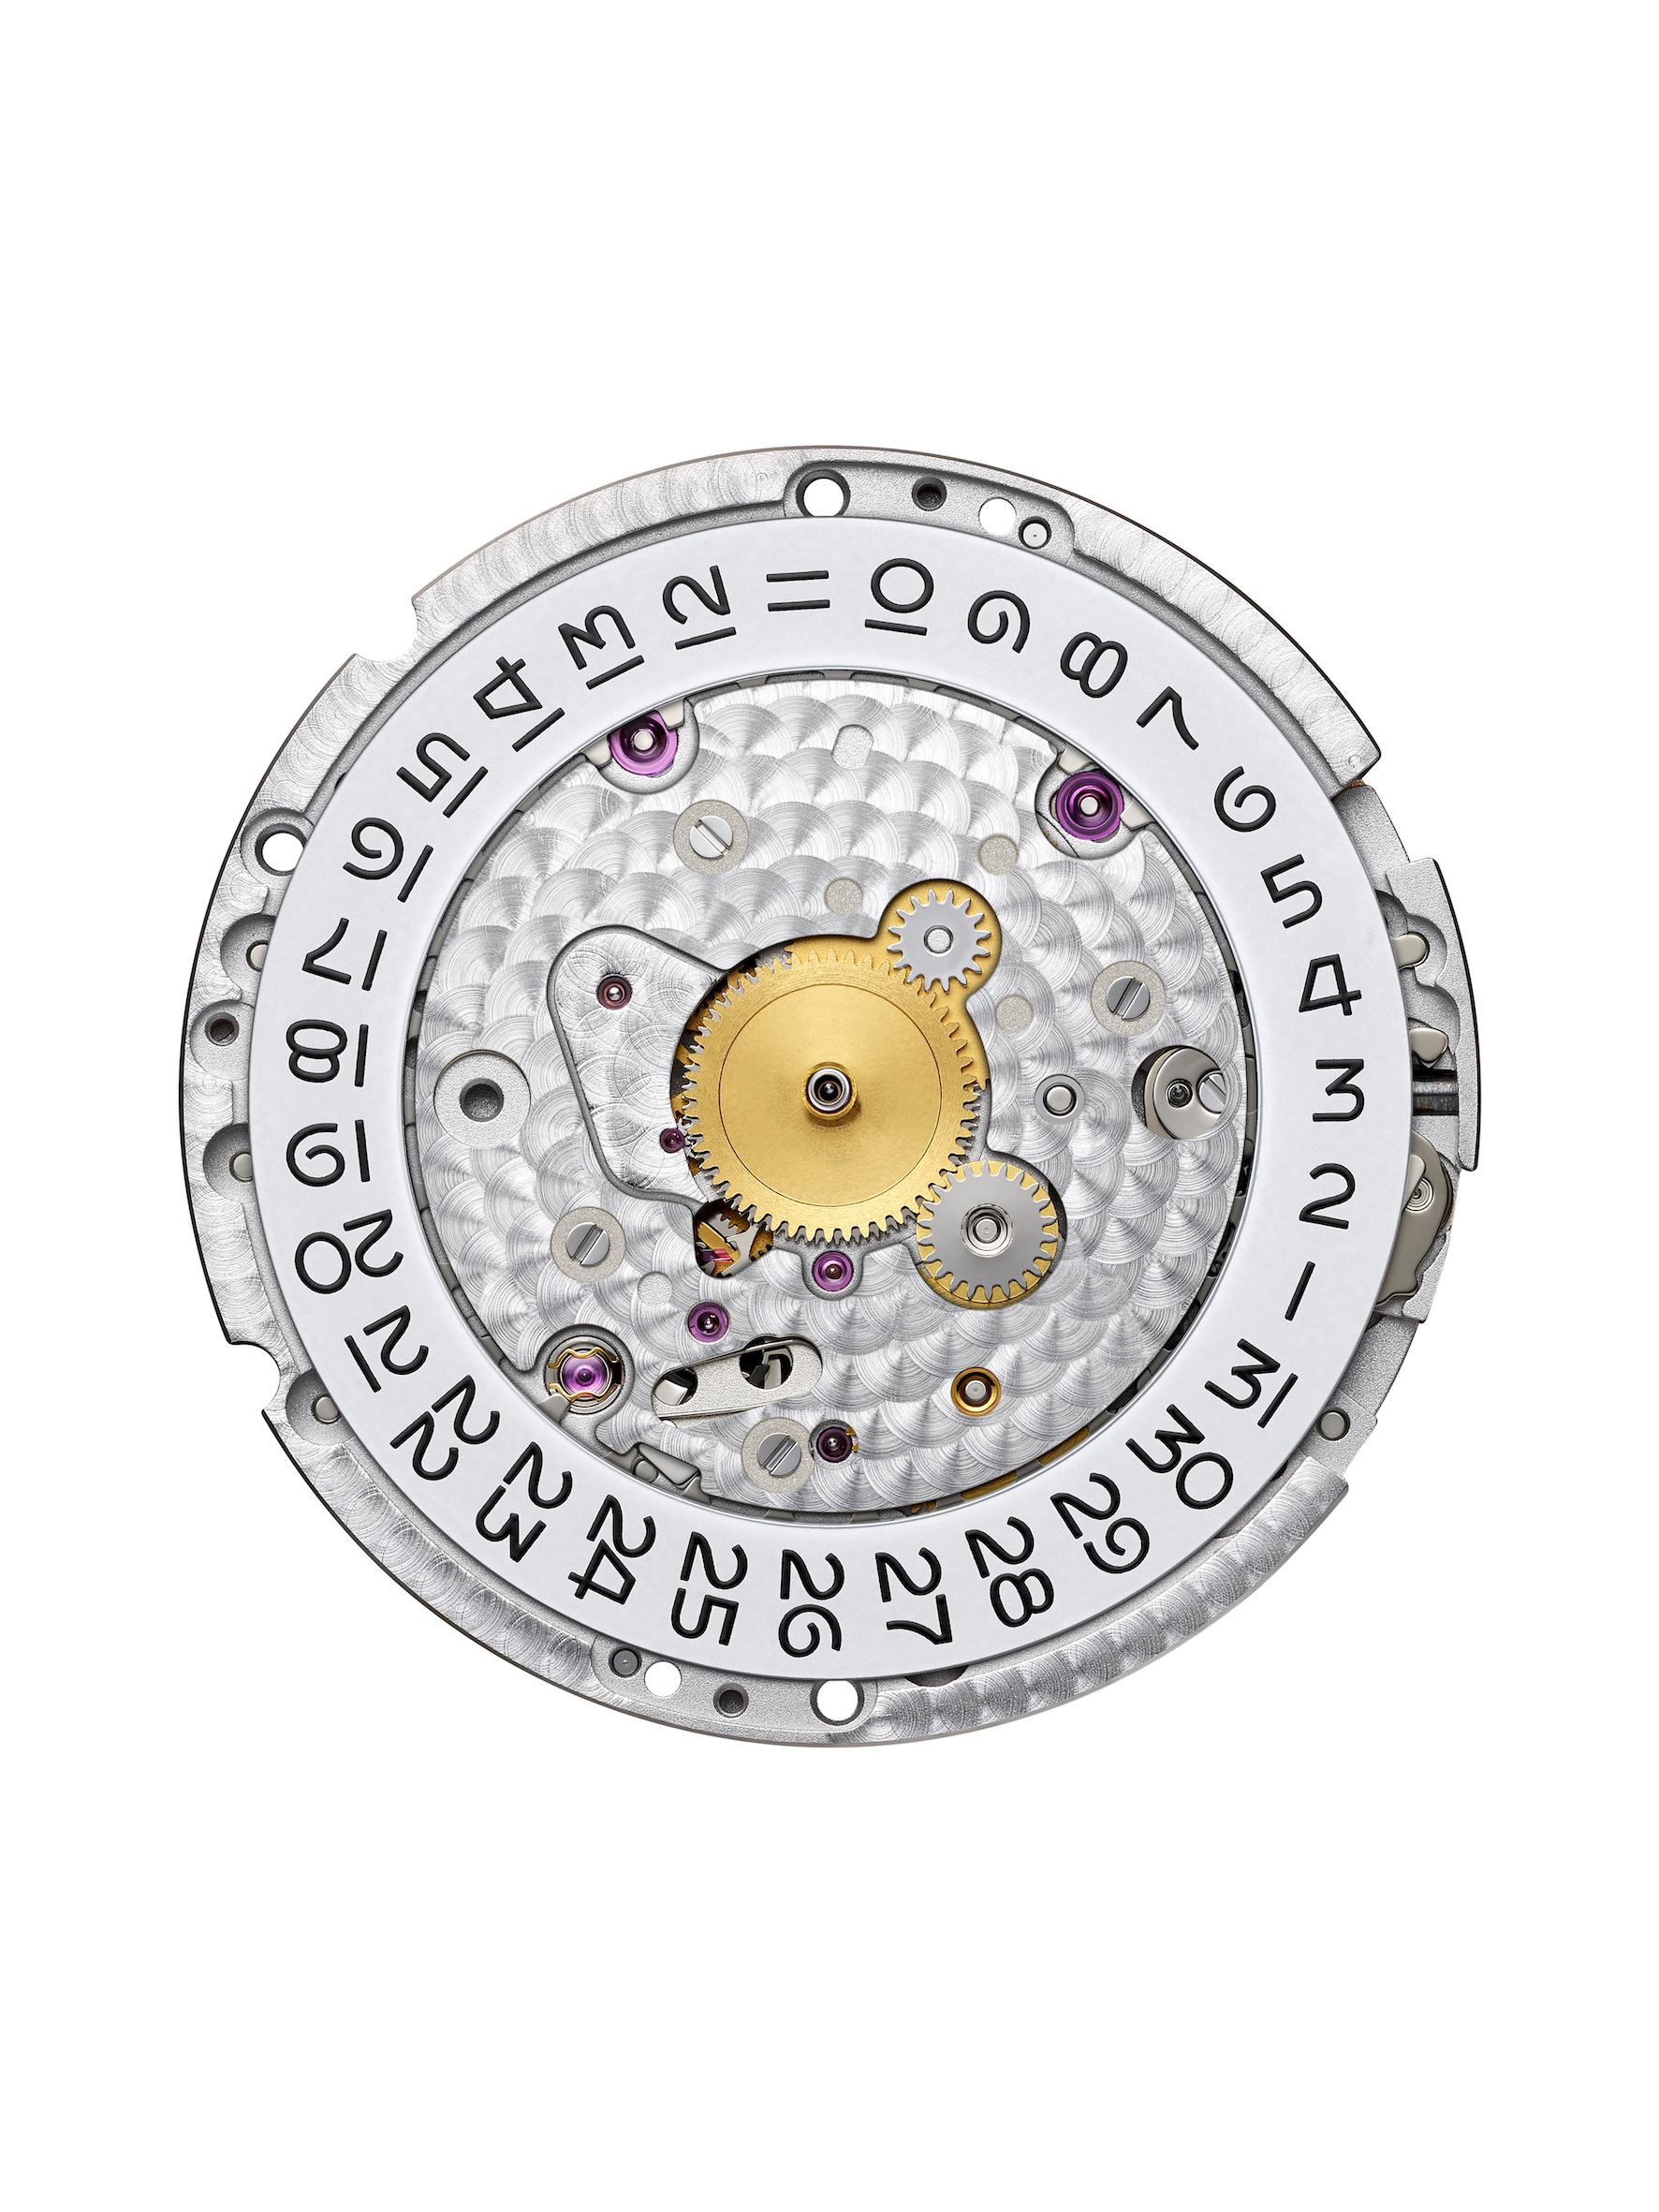 Vacheron Constantin1326 Manufacture calibre